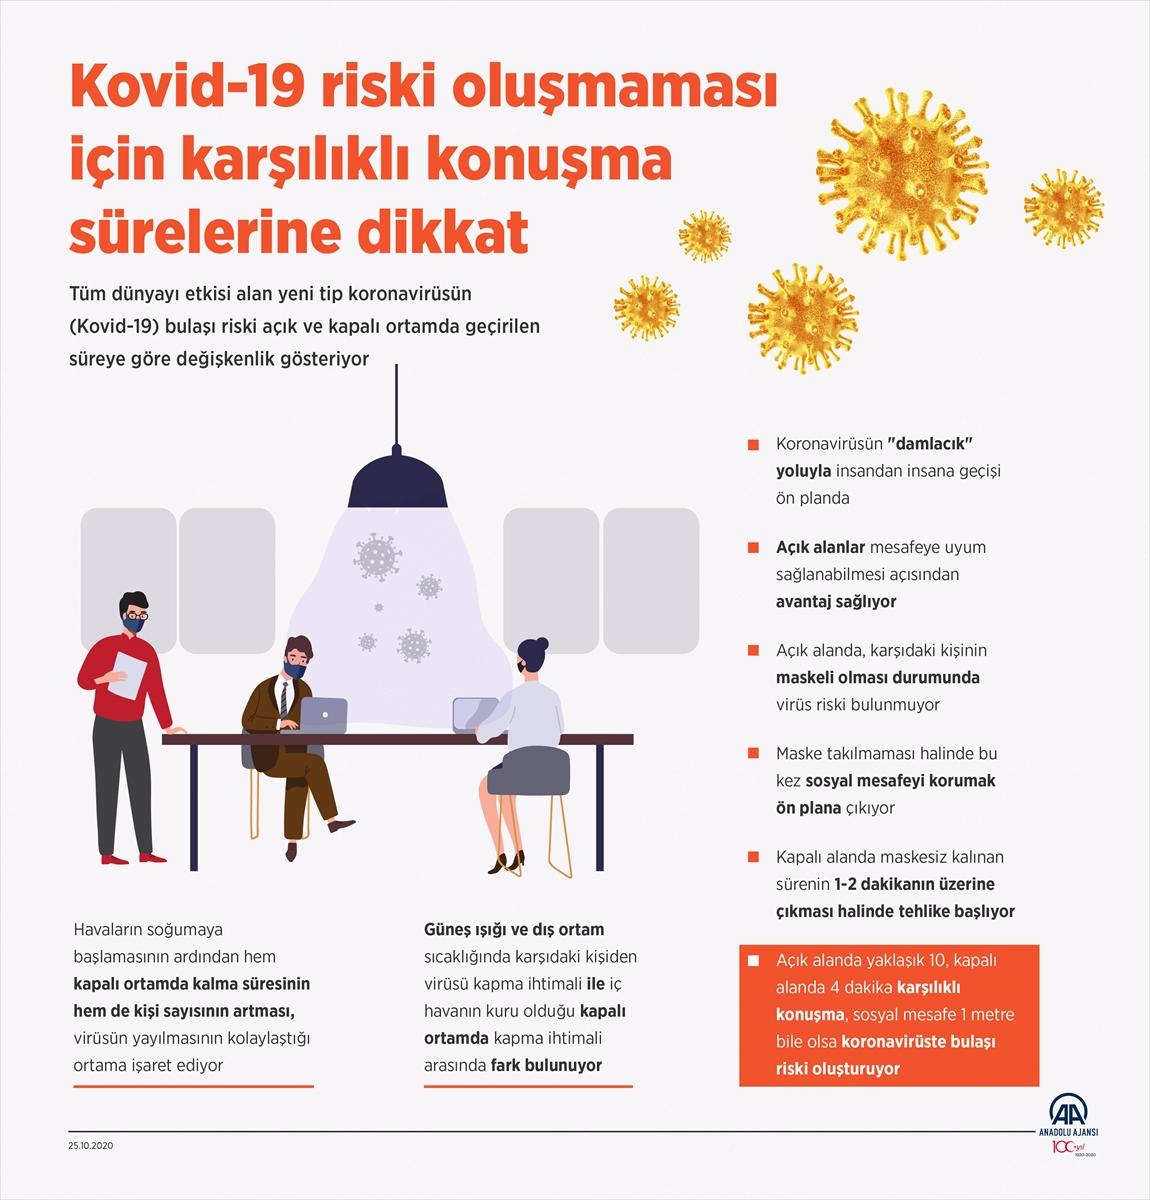 GRAFİKLİ- Kovid-19 riski oluşmaması için karşılıklı konuşma sürelerine dikkat